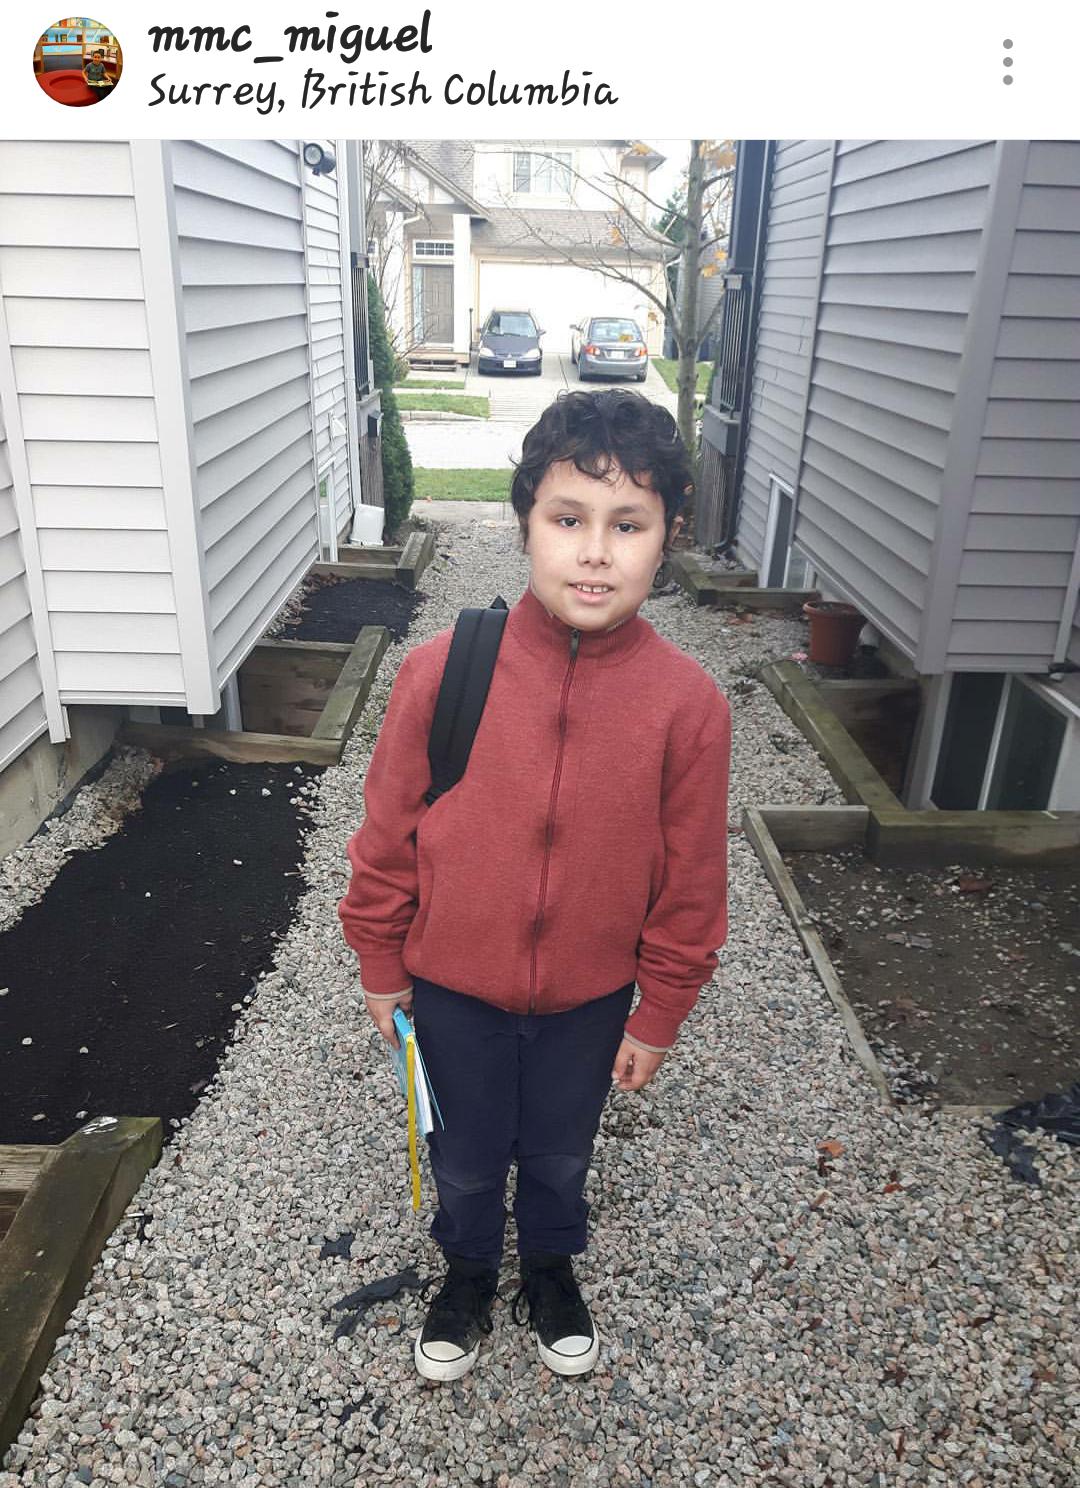 Goin' To School